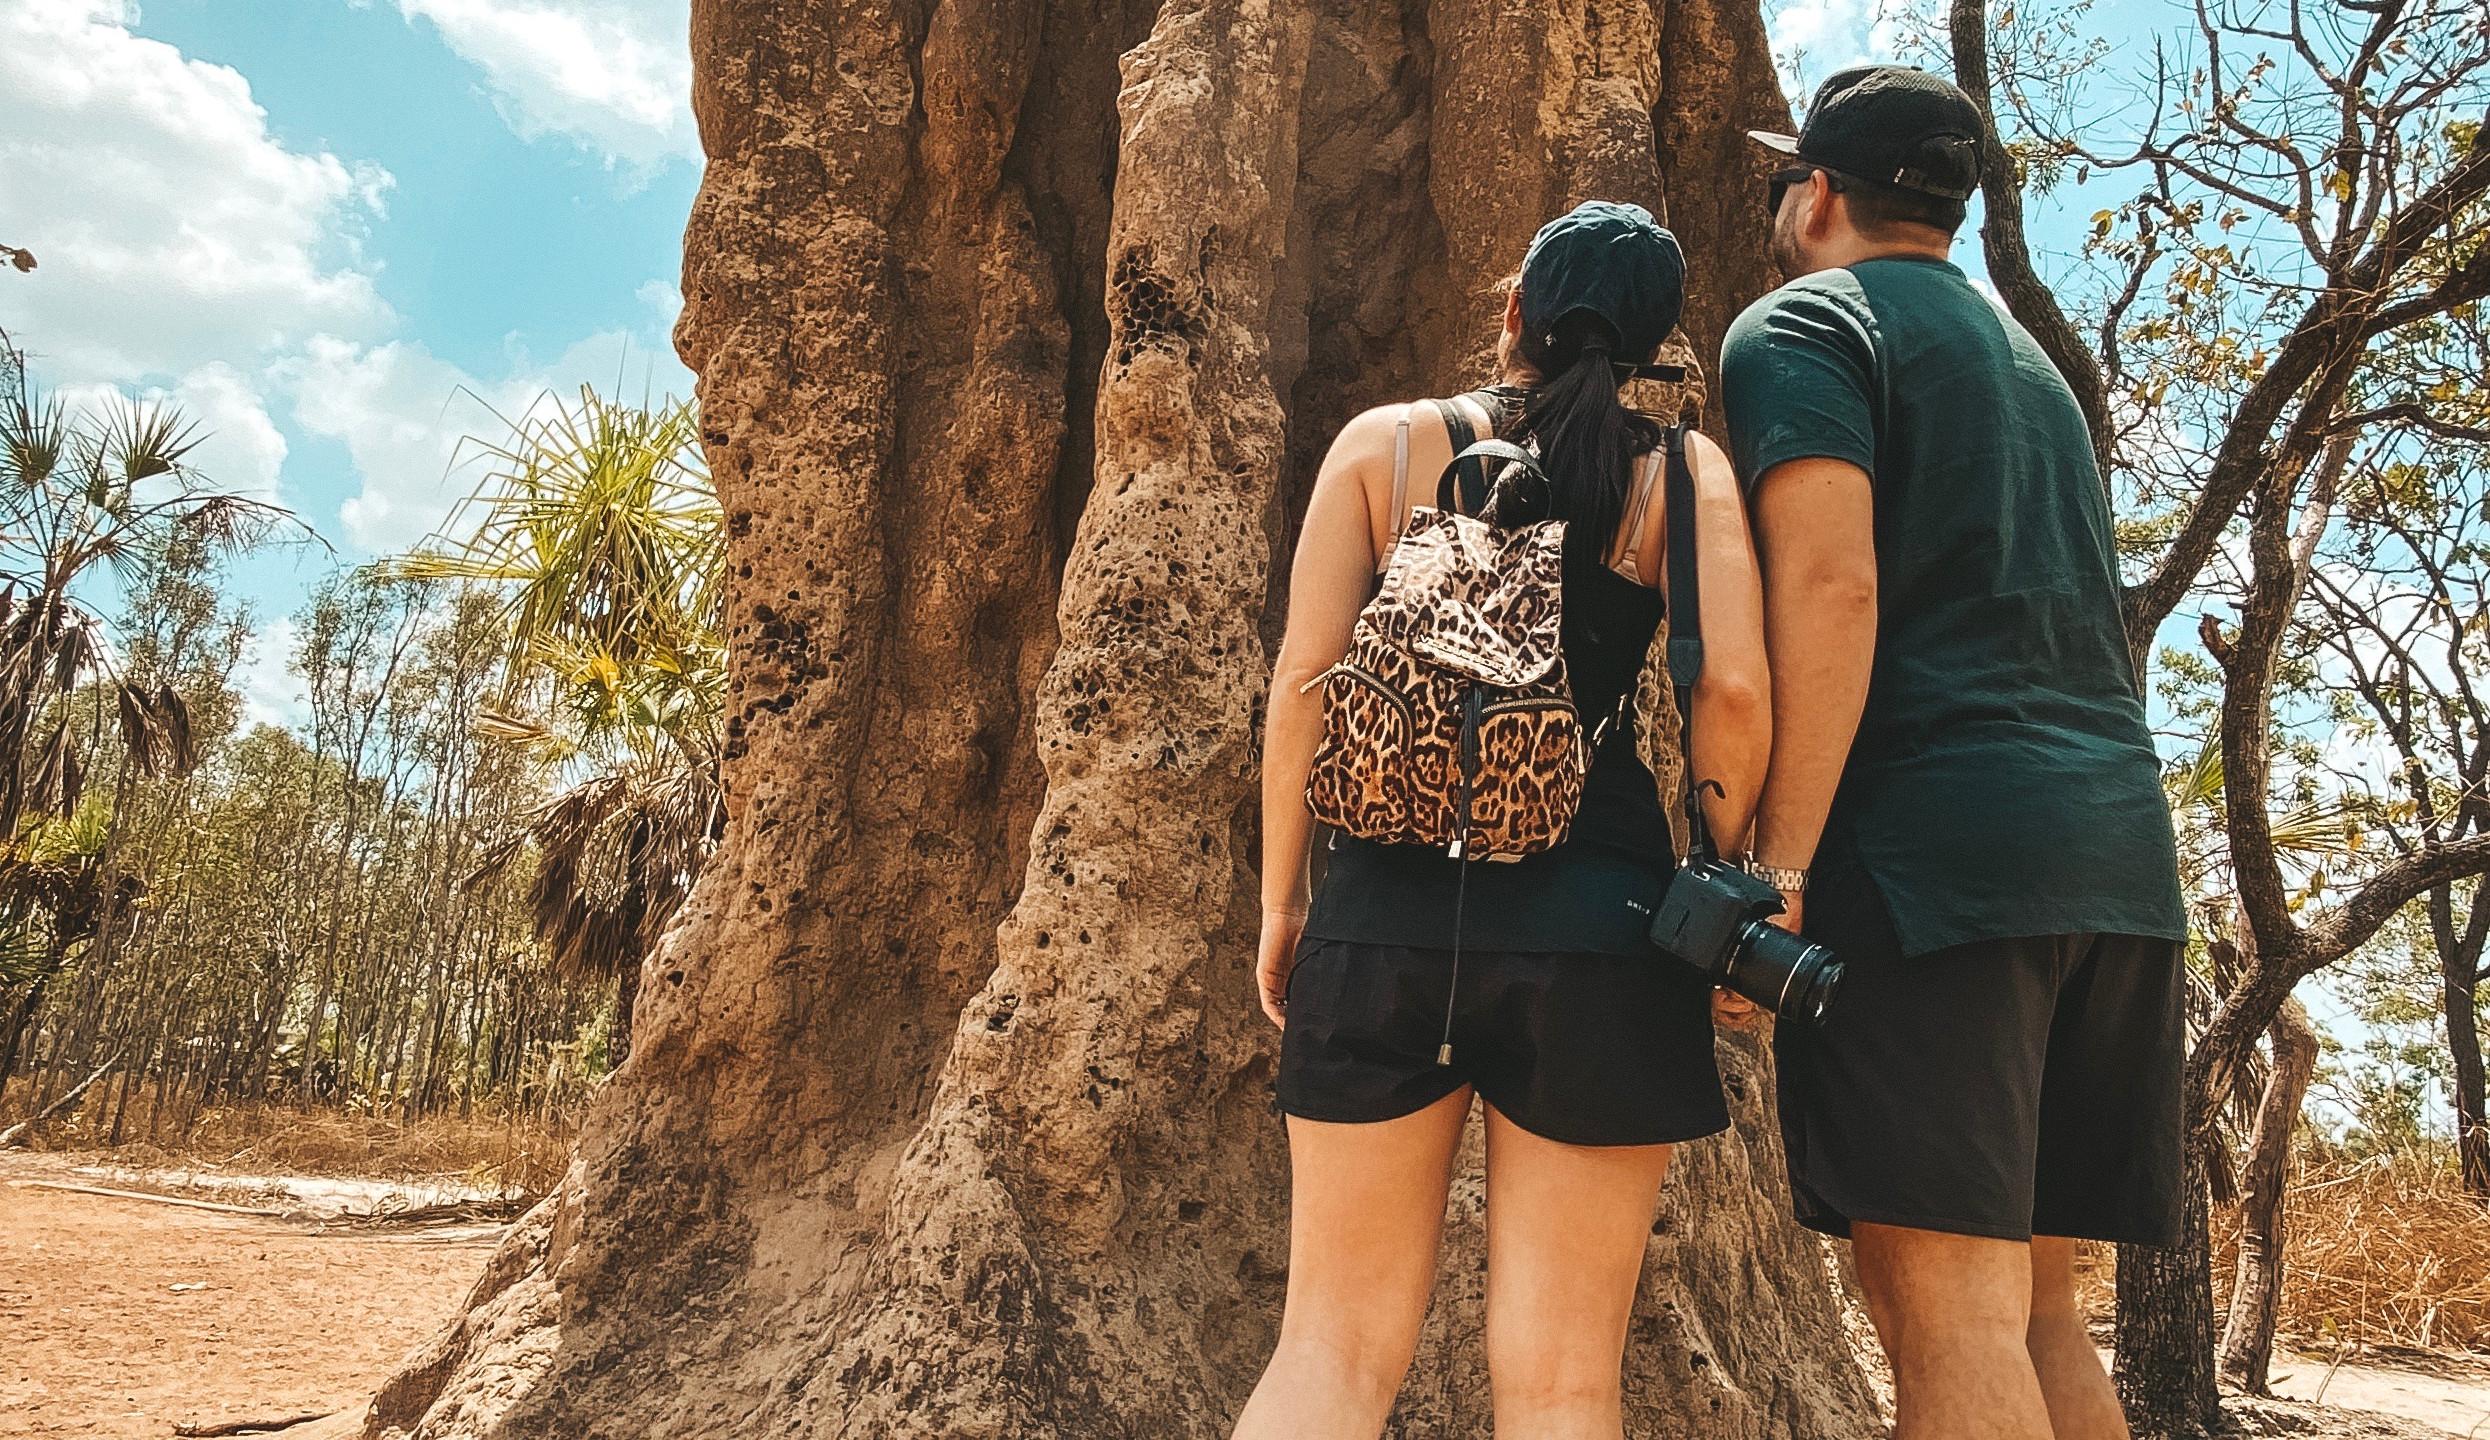 termite mound litchfield national park